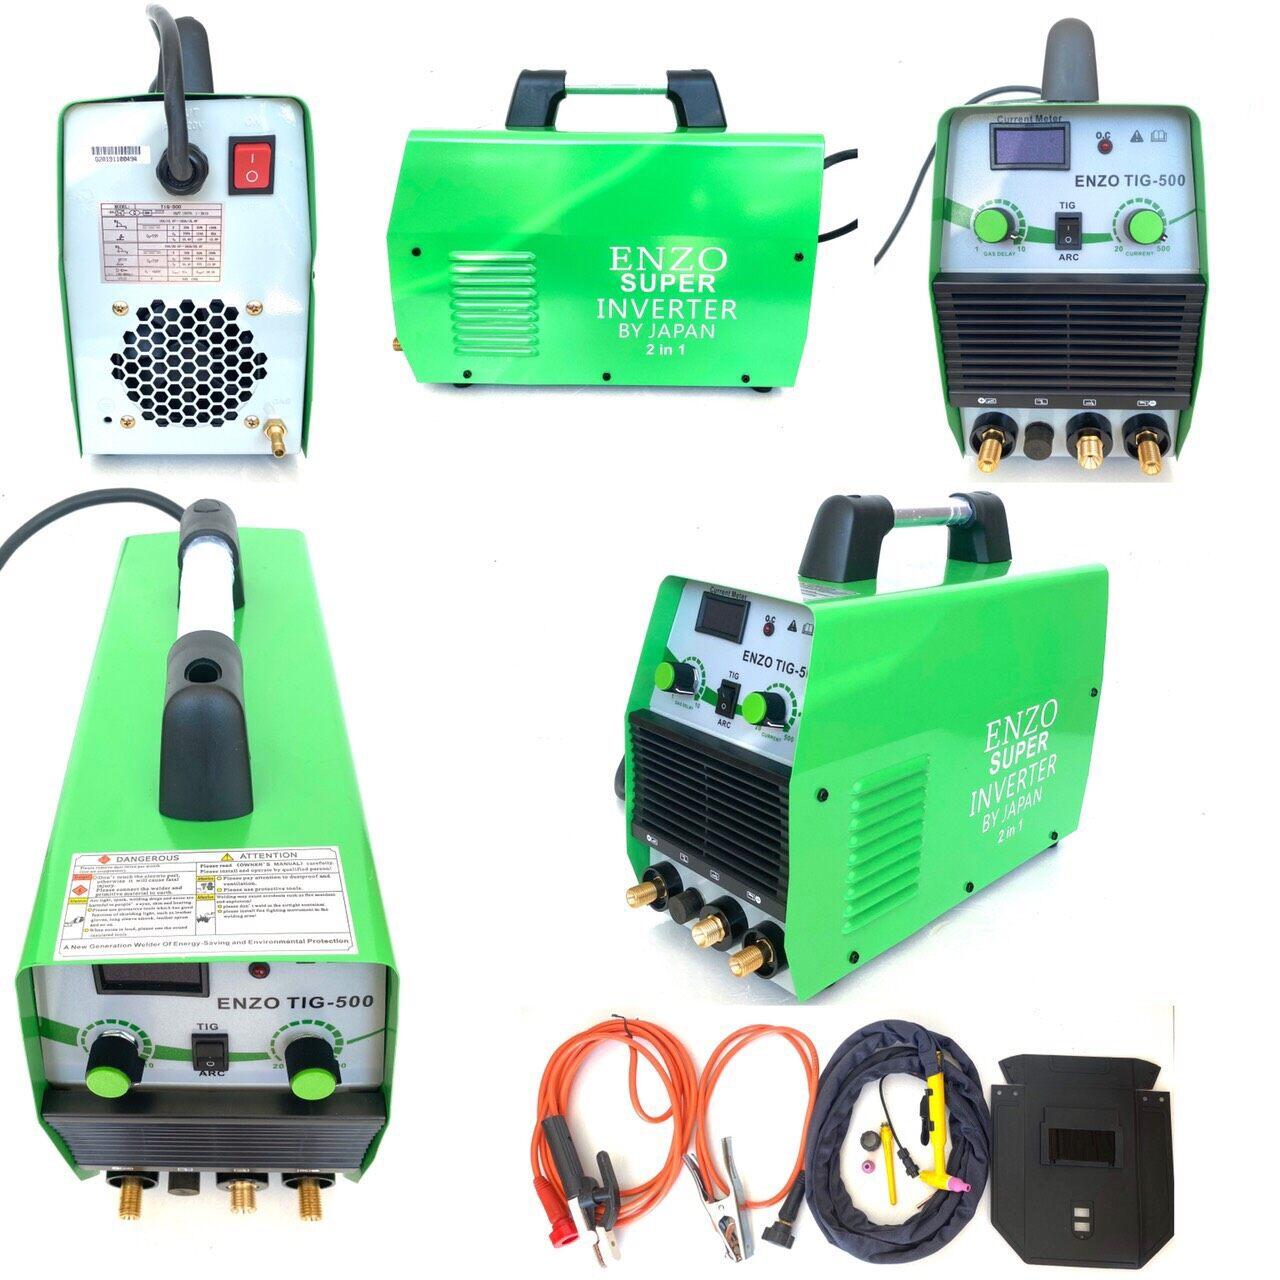 ตู้เชื่อมอินเวอร์เตอร์  ENZO รุ่น INVERTER TIG-500  2 IN 1 ใช้ได้ทั้ง 2 ระบบ ทั้ง ARC และ TIG และกระแสไฟแรงแระคงที